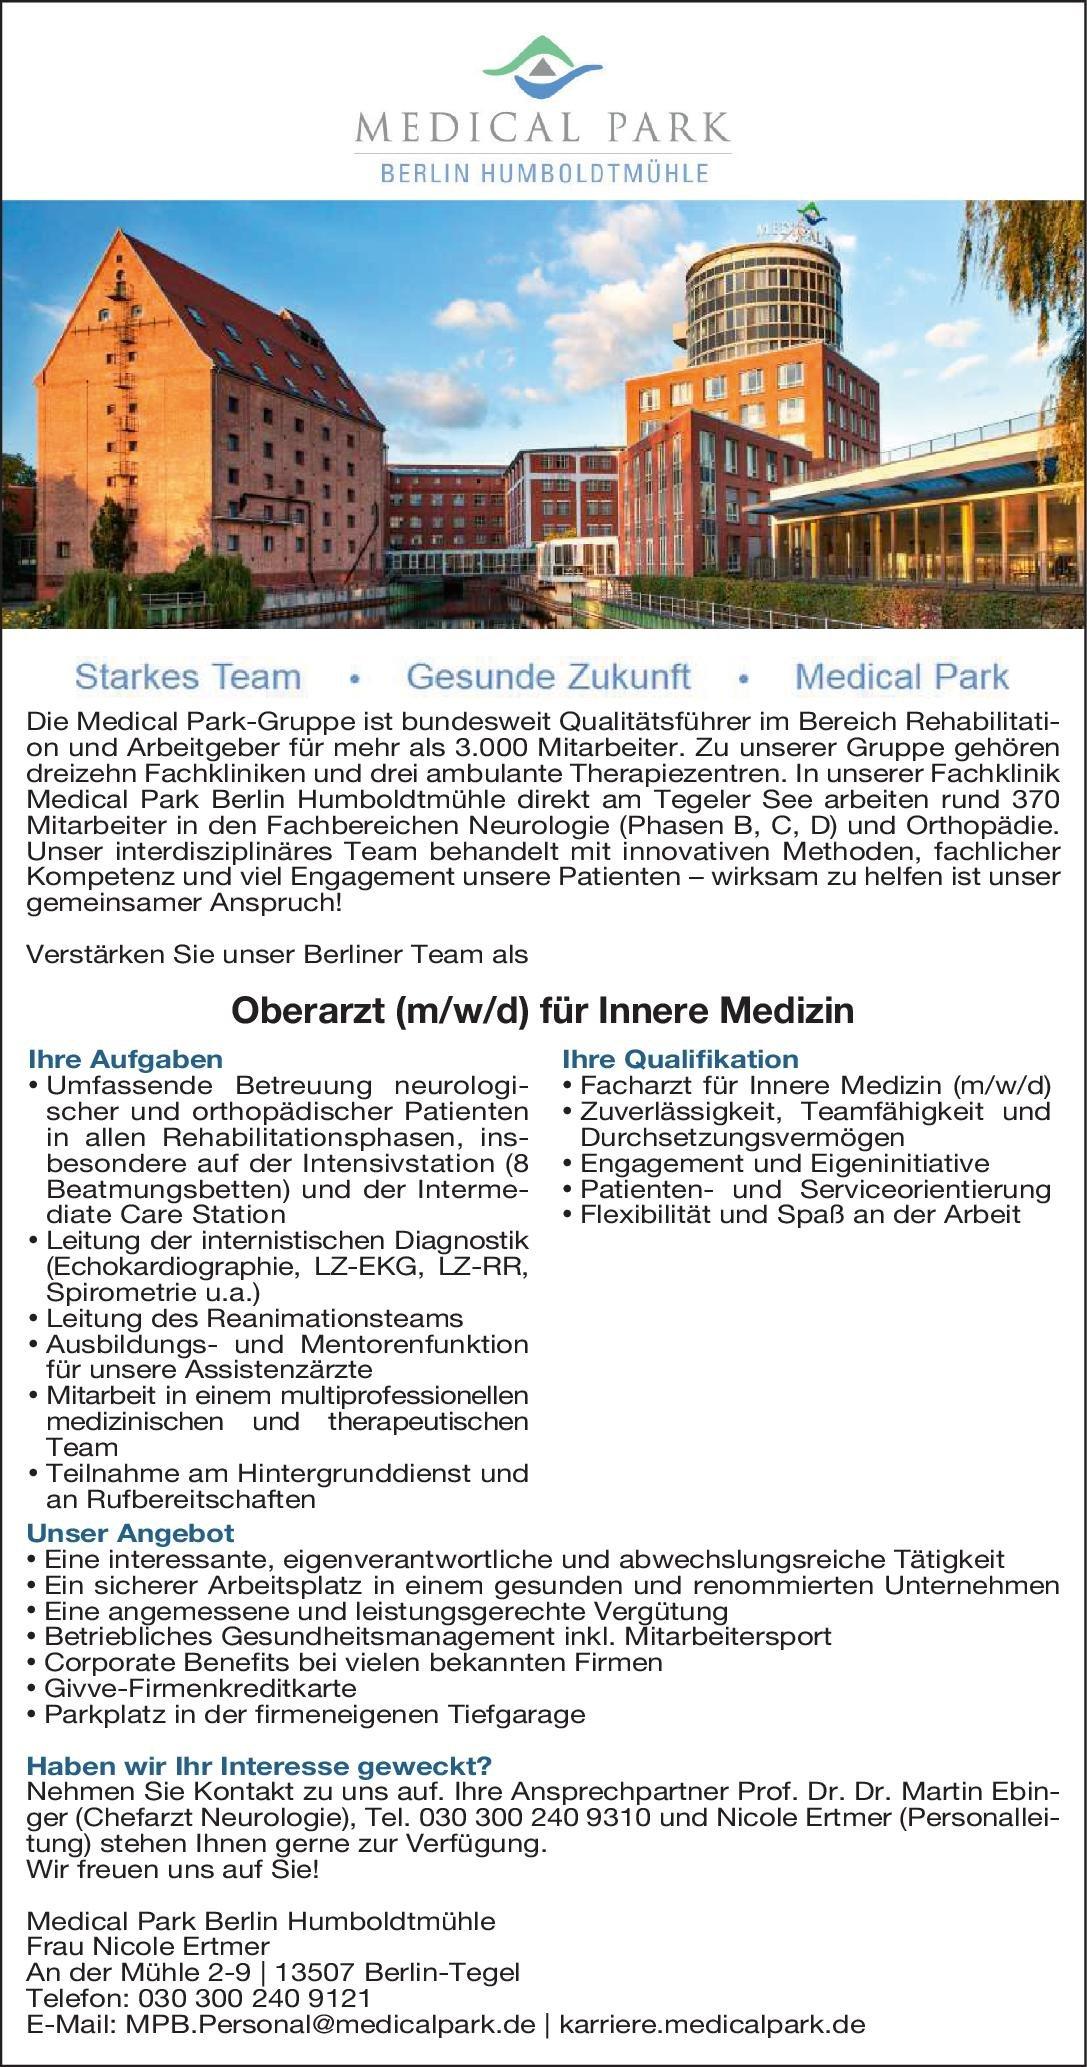 Medical Park Berlin Humboldtmühle Oberarzt (m/w/d) für Innere Medizin  Innere Medizin, Innere Medizin Oberarzt